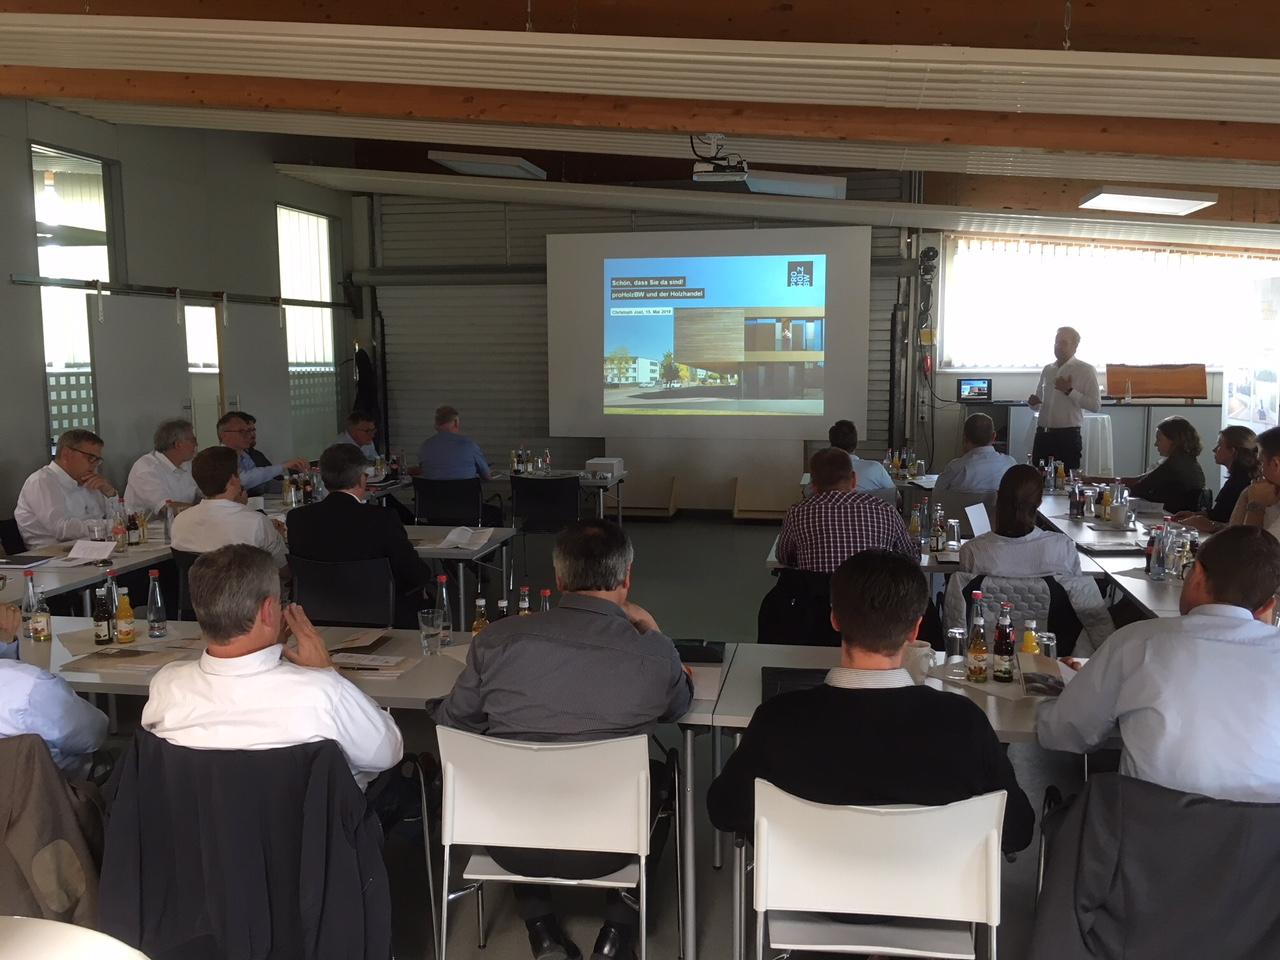 Regionalversammlung im Holzfachmarkt der Holz-Hauff GmbH